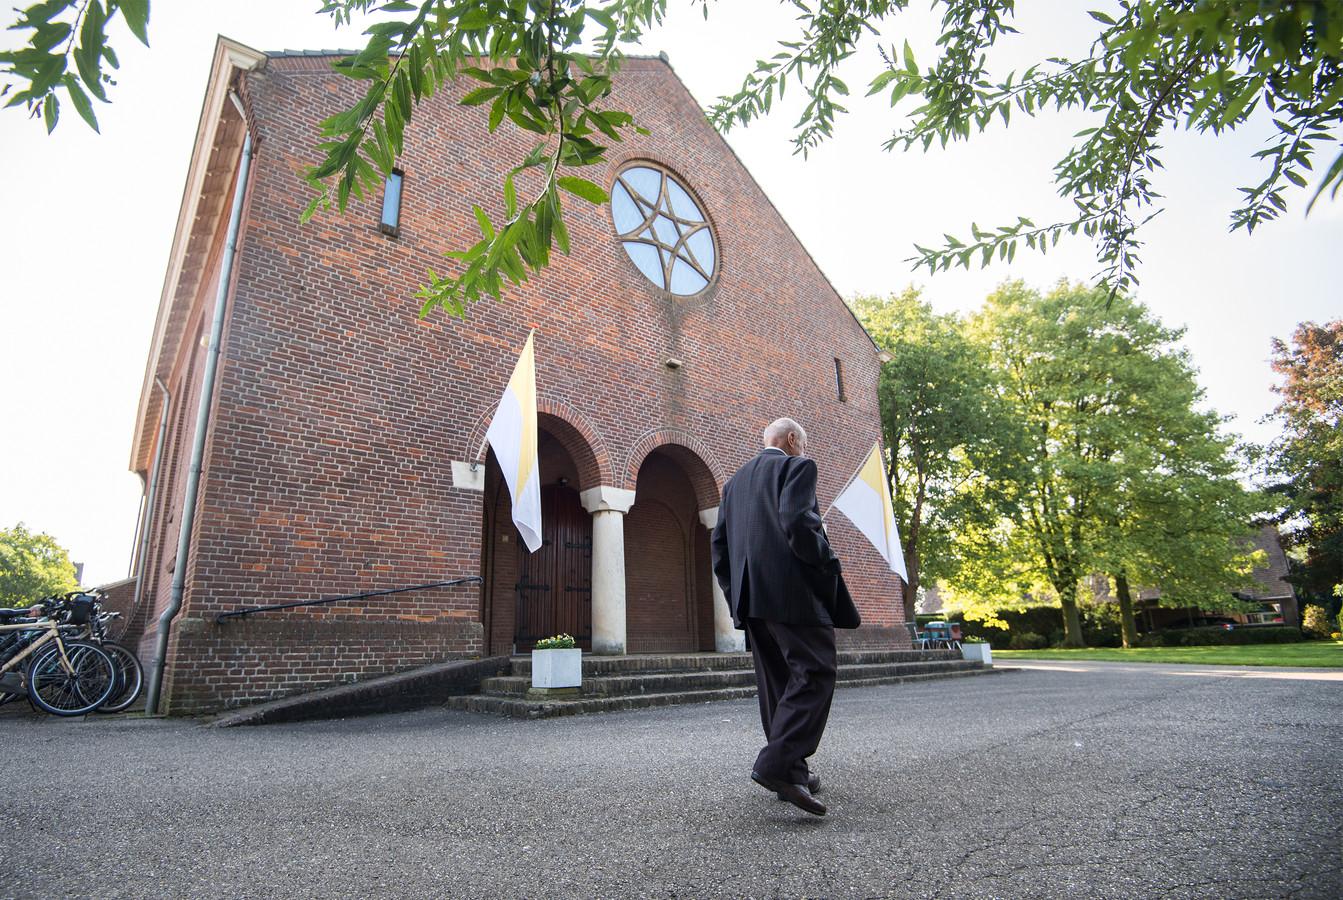 In de katholieke kerk in Indoornik is nog maar maandelijks een weekendviering , die wordt verzorgd door parochianen.